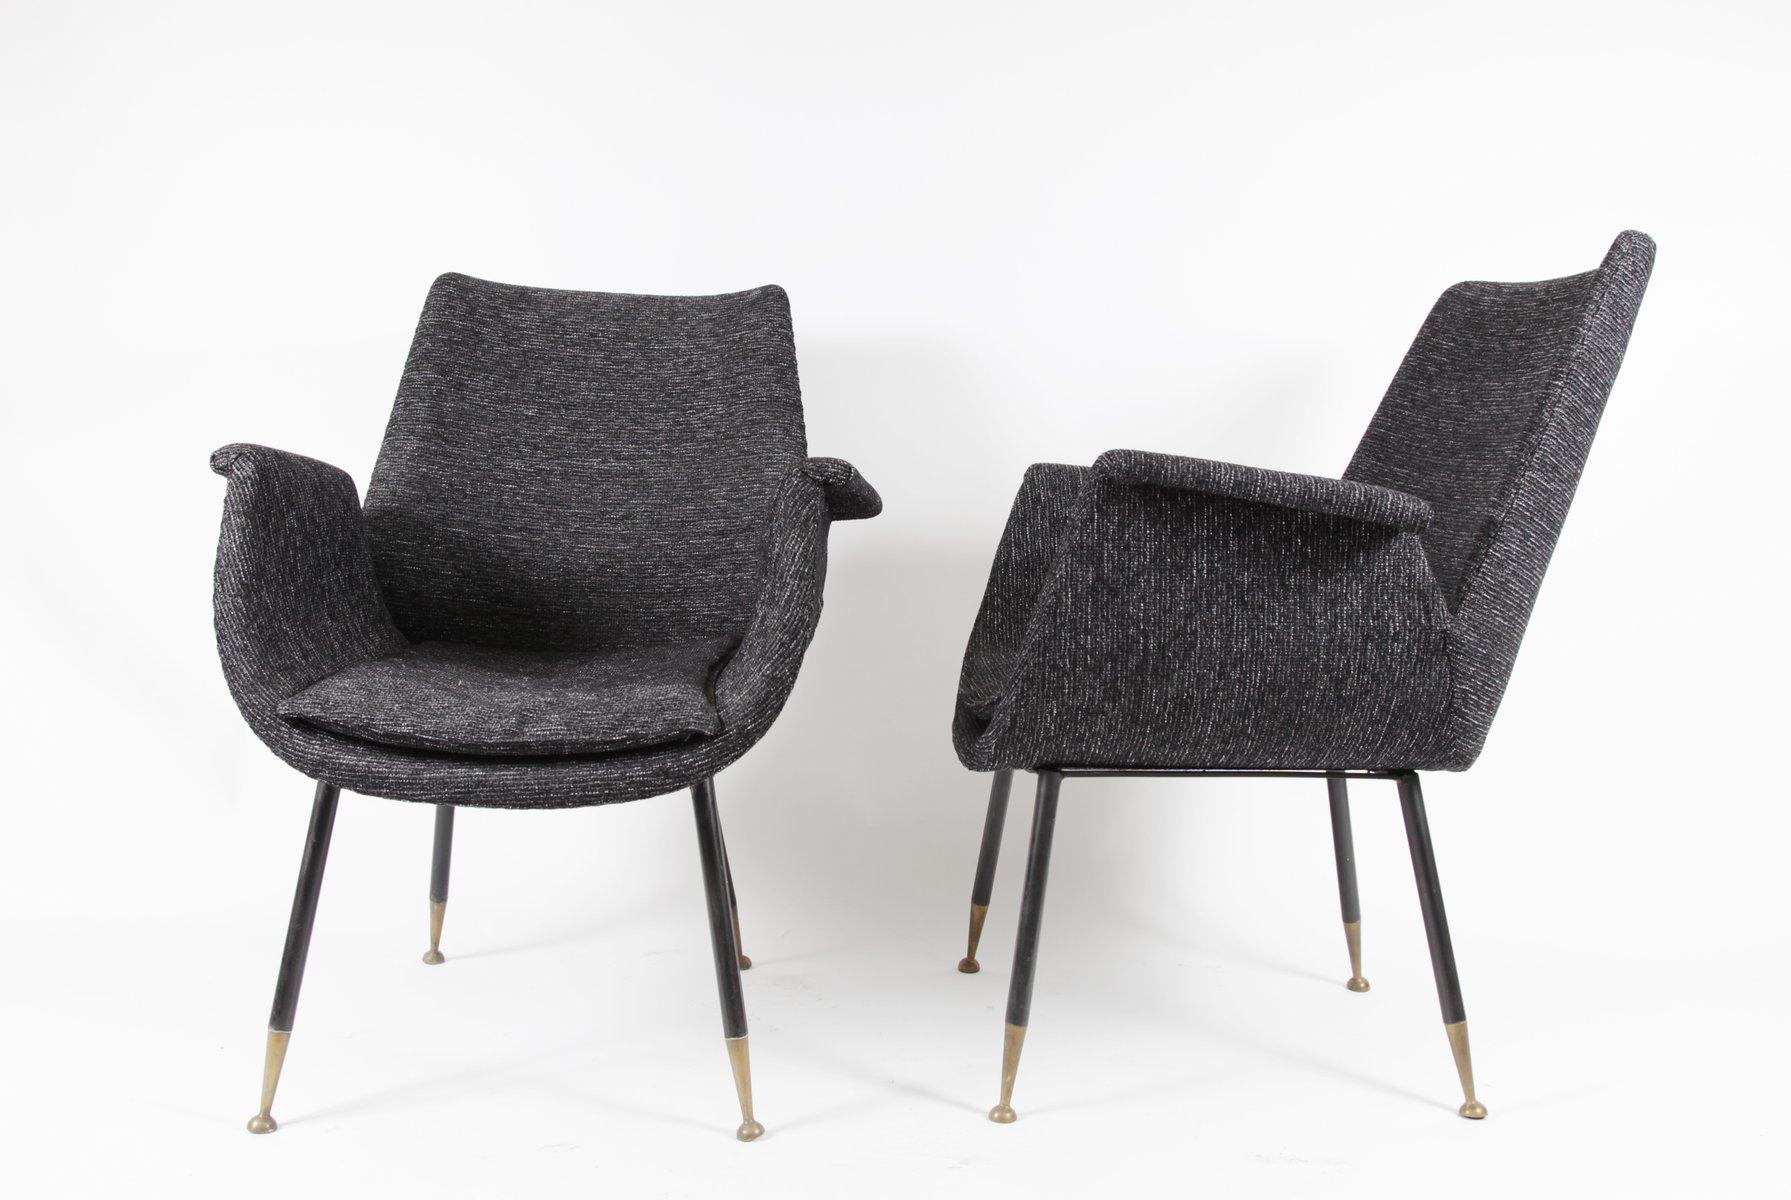 kleine sessel von gastone rinaldi f r rima 1956 2er set bei pamono kaufen. Black Bedroom Furniture Sets. Home Design Ideas